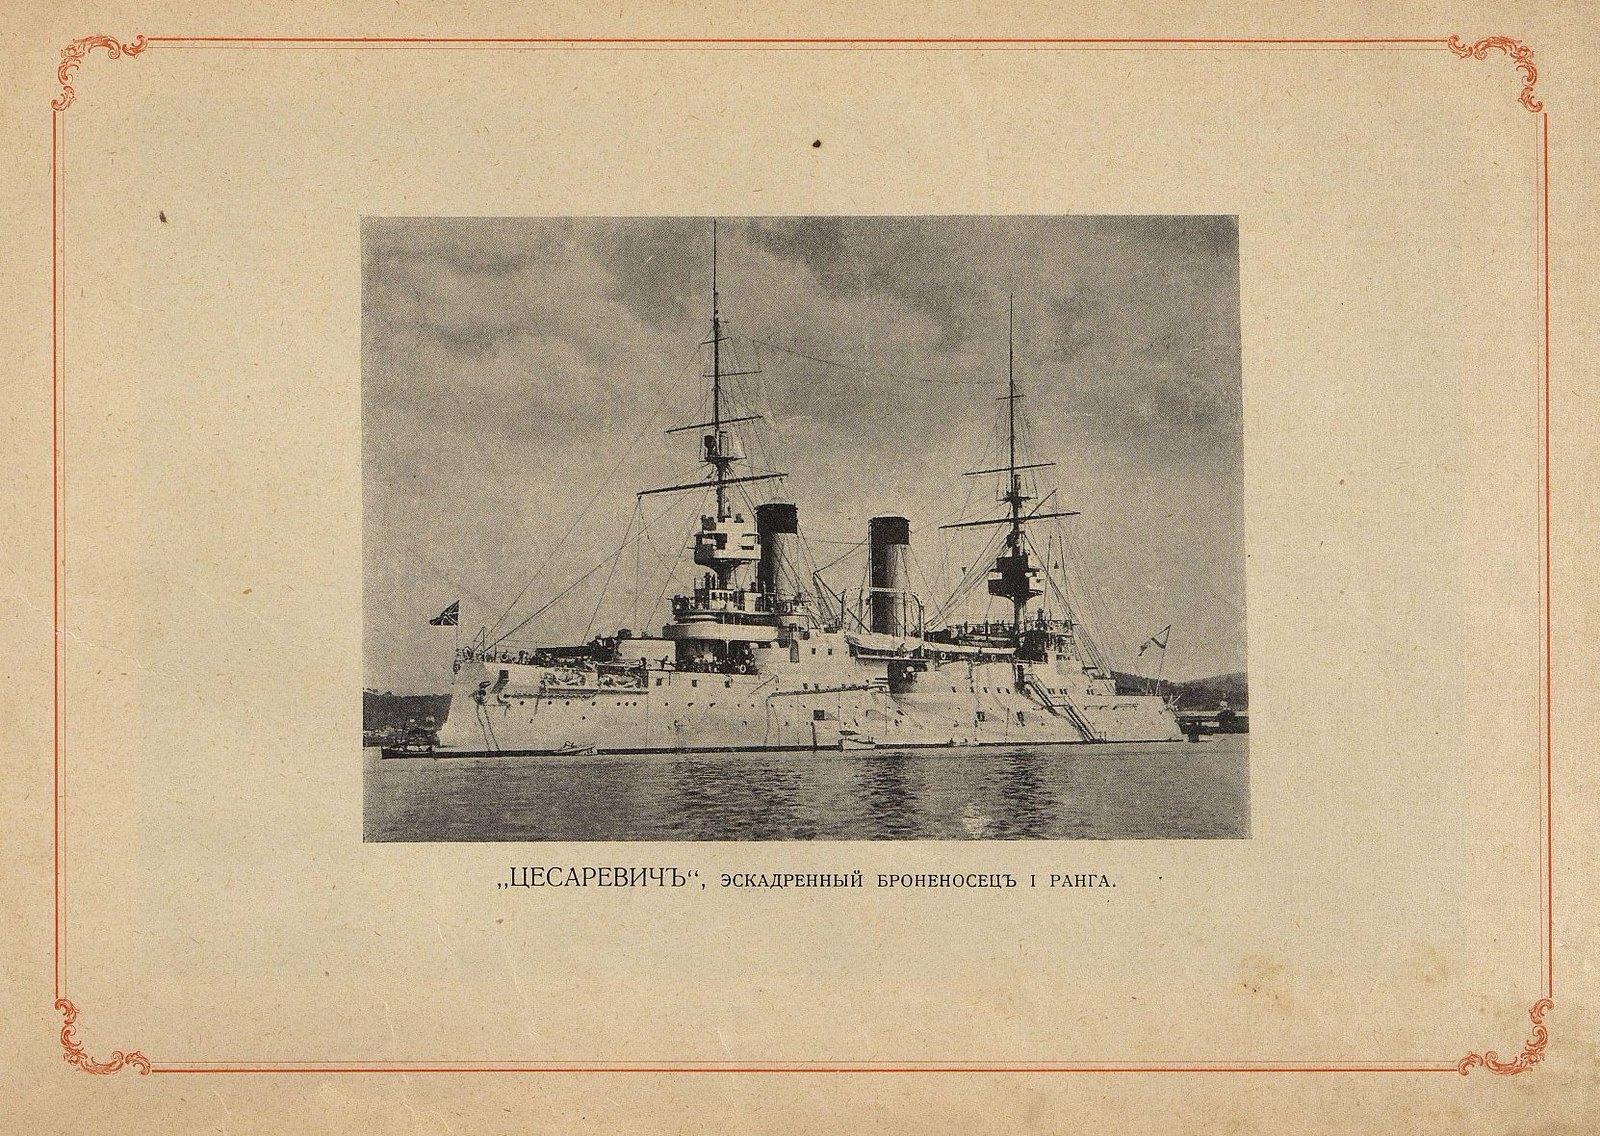 Броненосец 1 ранга «Цесаревич»